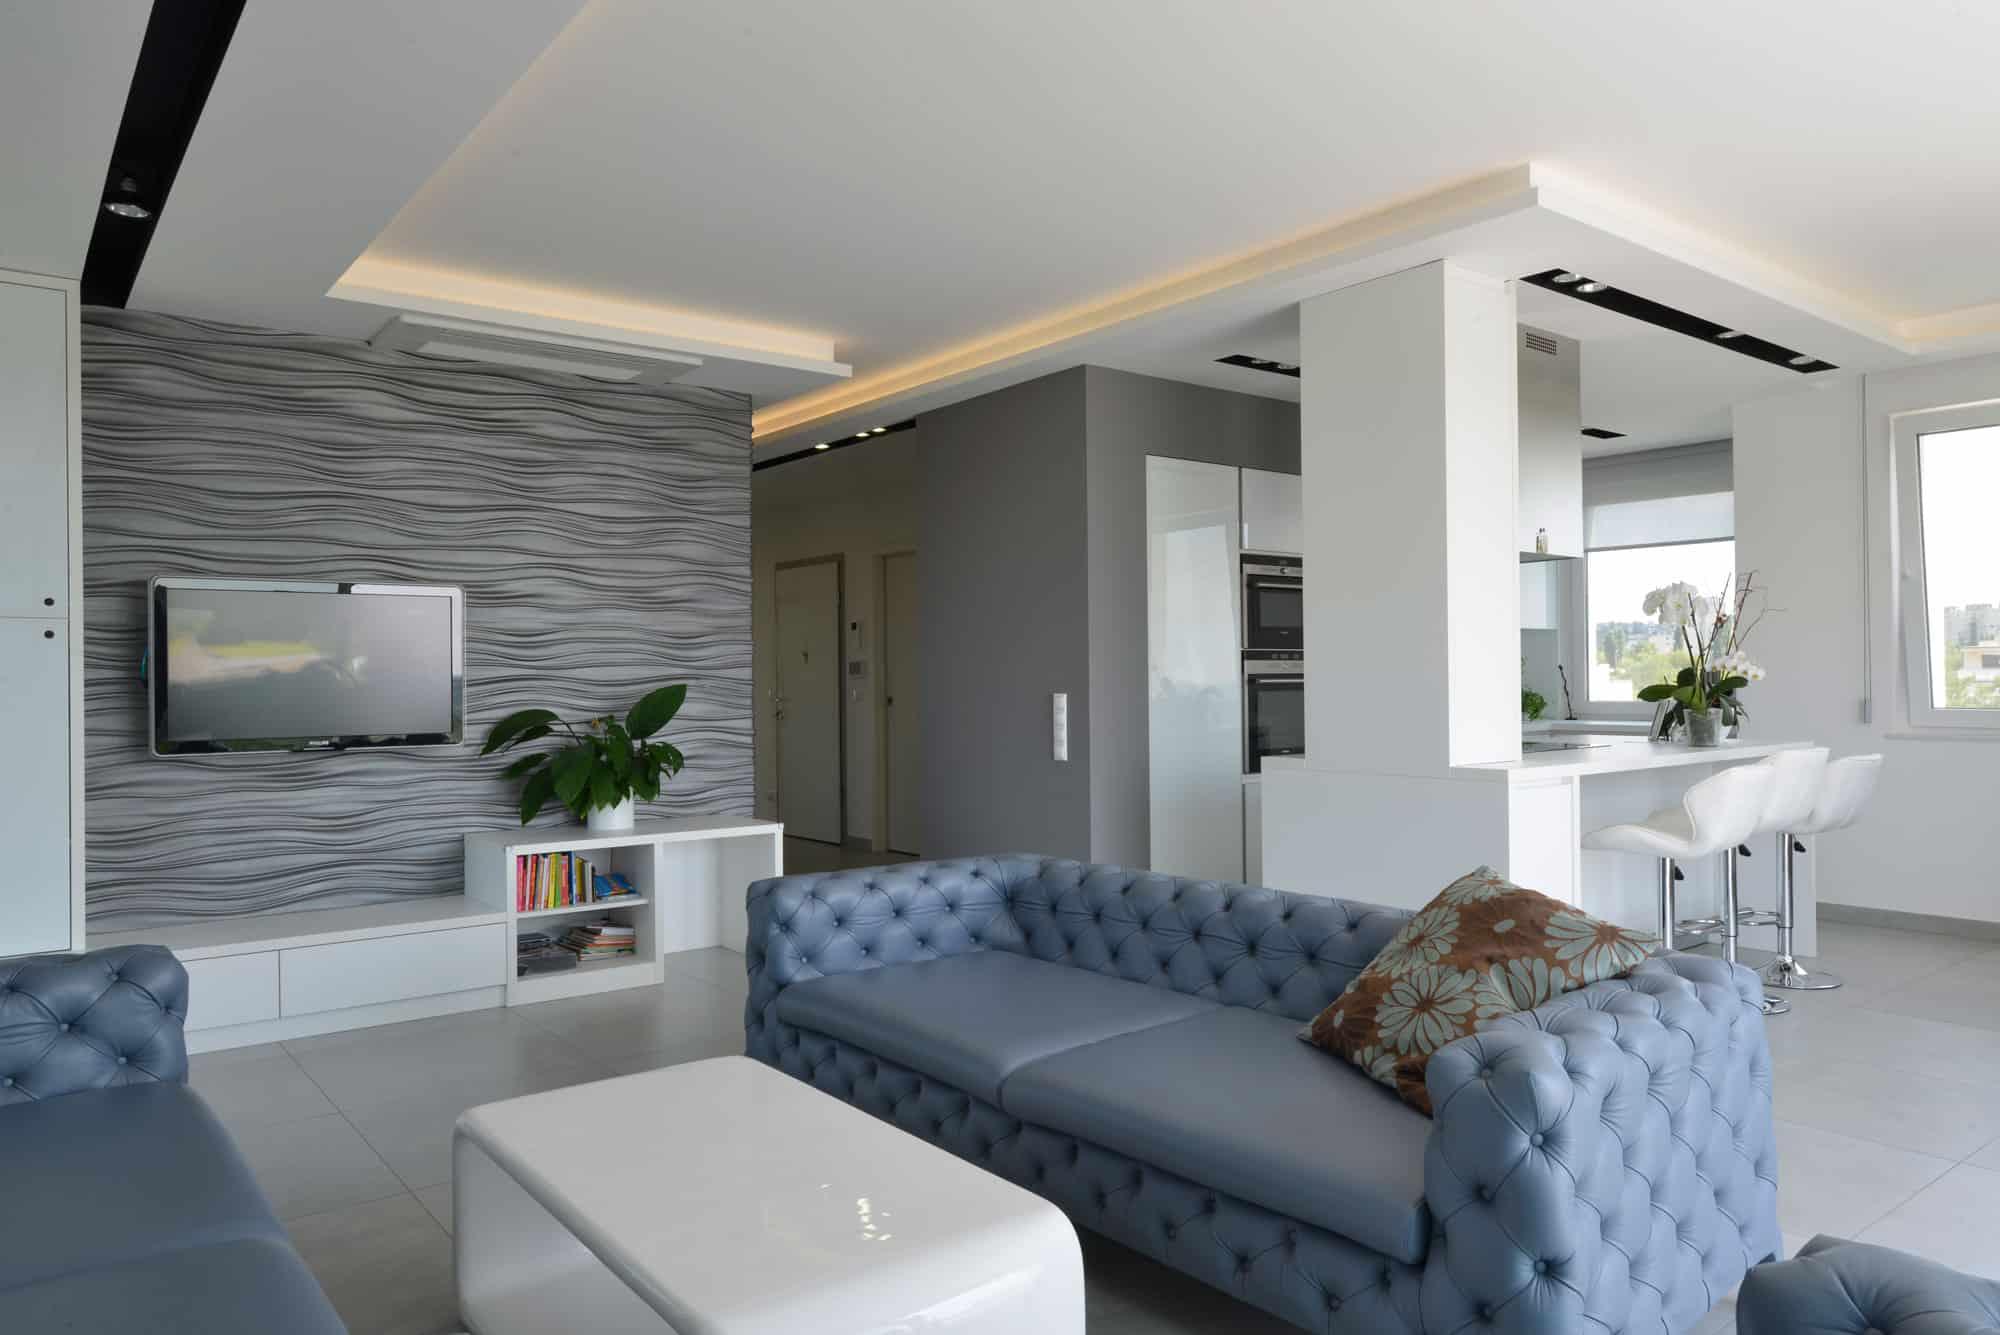 Penthouse by Adamdesign Belsőépítész Studio